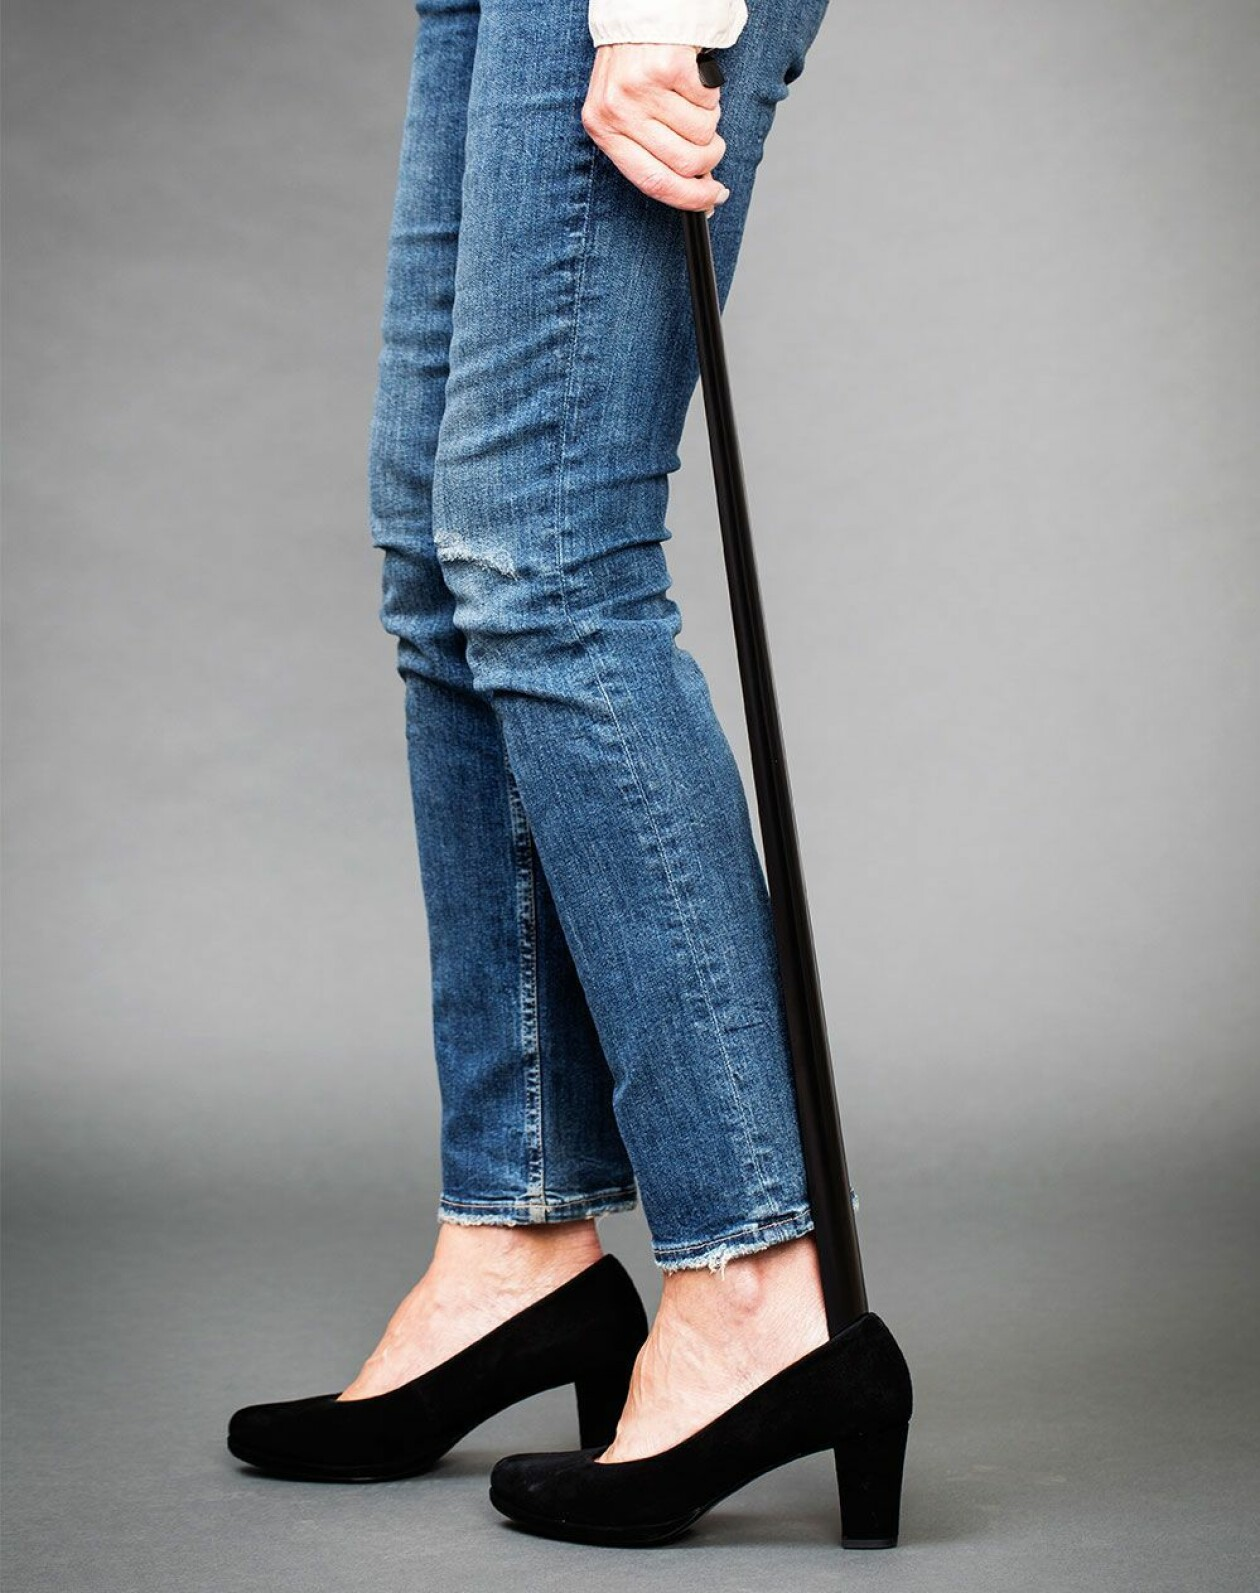 Kvinna använder långt skohorn, 80 cm.